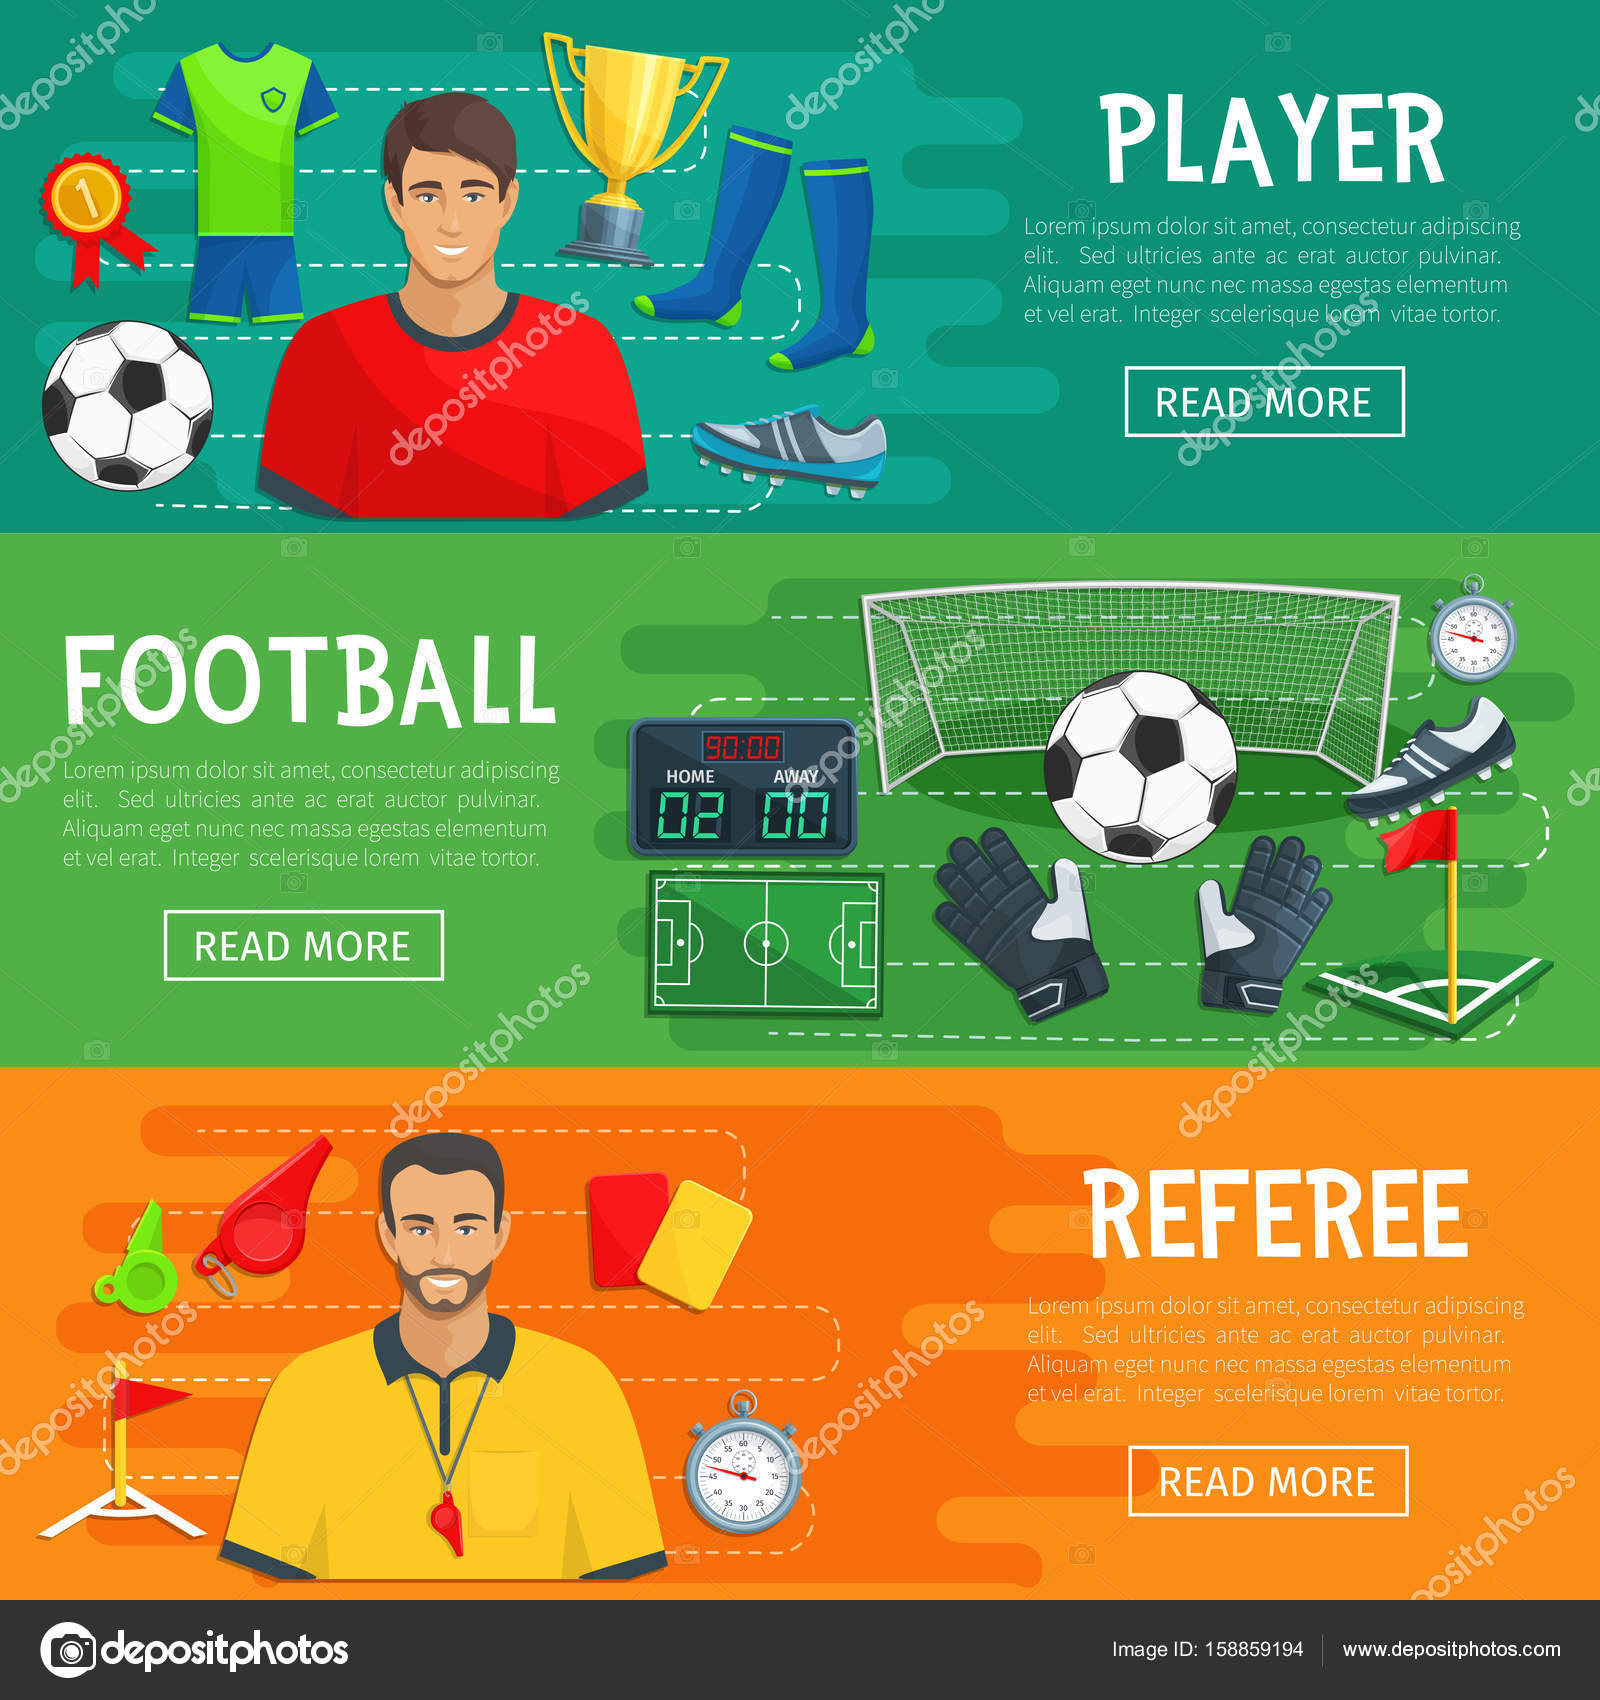 afedae190 Banners de futebol para o jogo de esporte do futebol. Vector design da  bandeira de jogador ou árbitro de futebol e apito